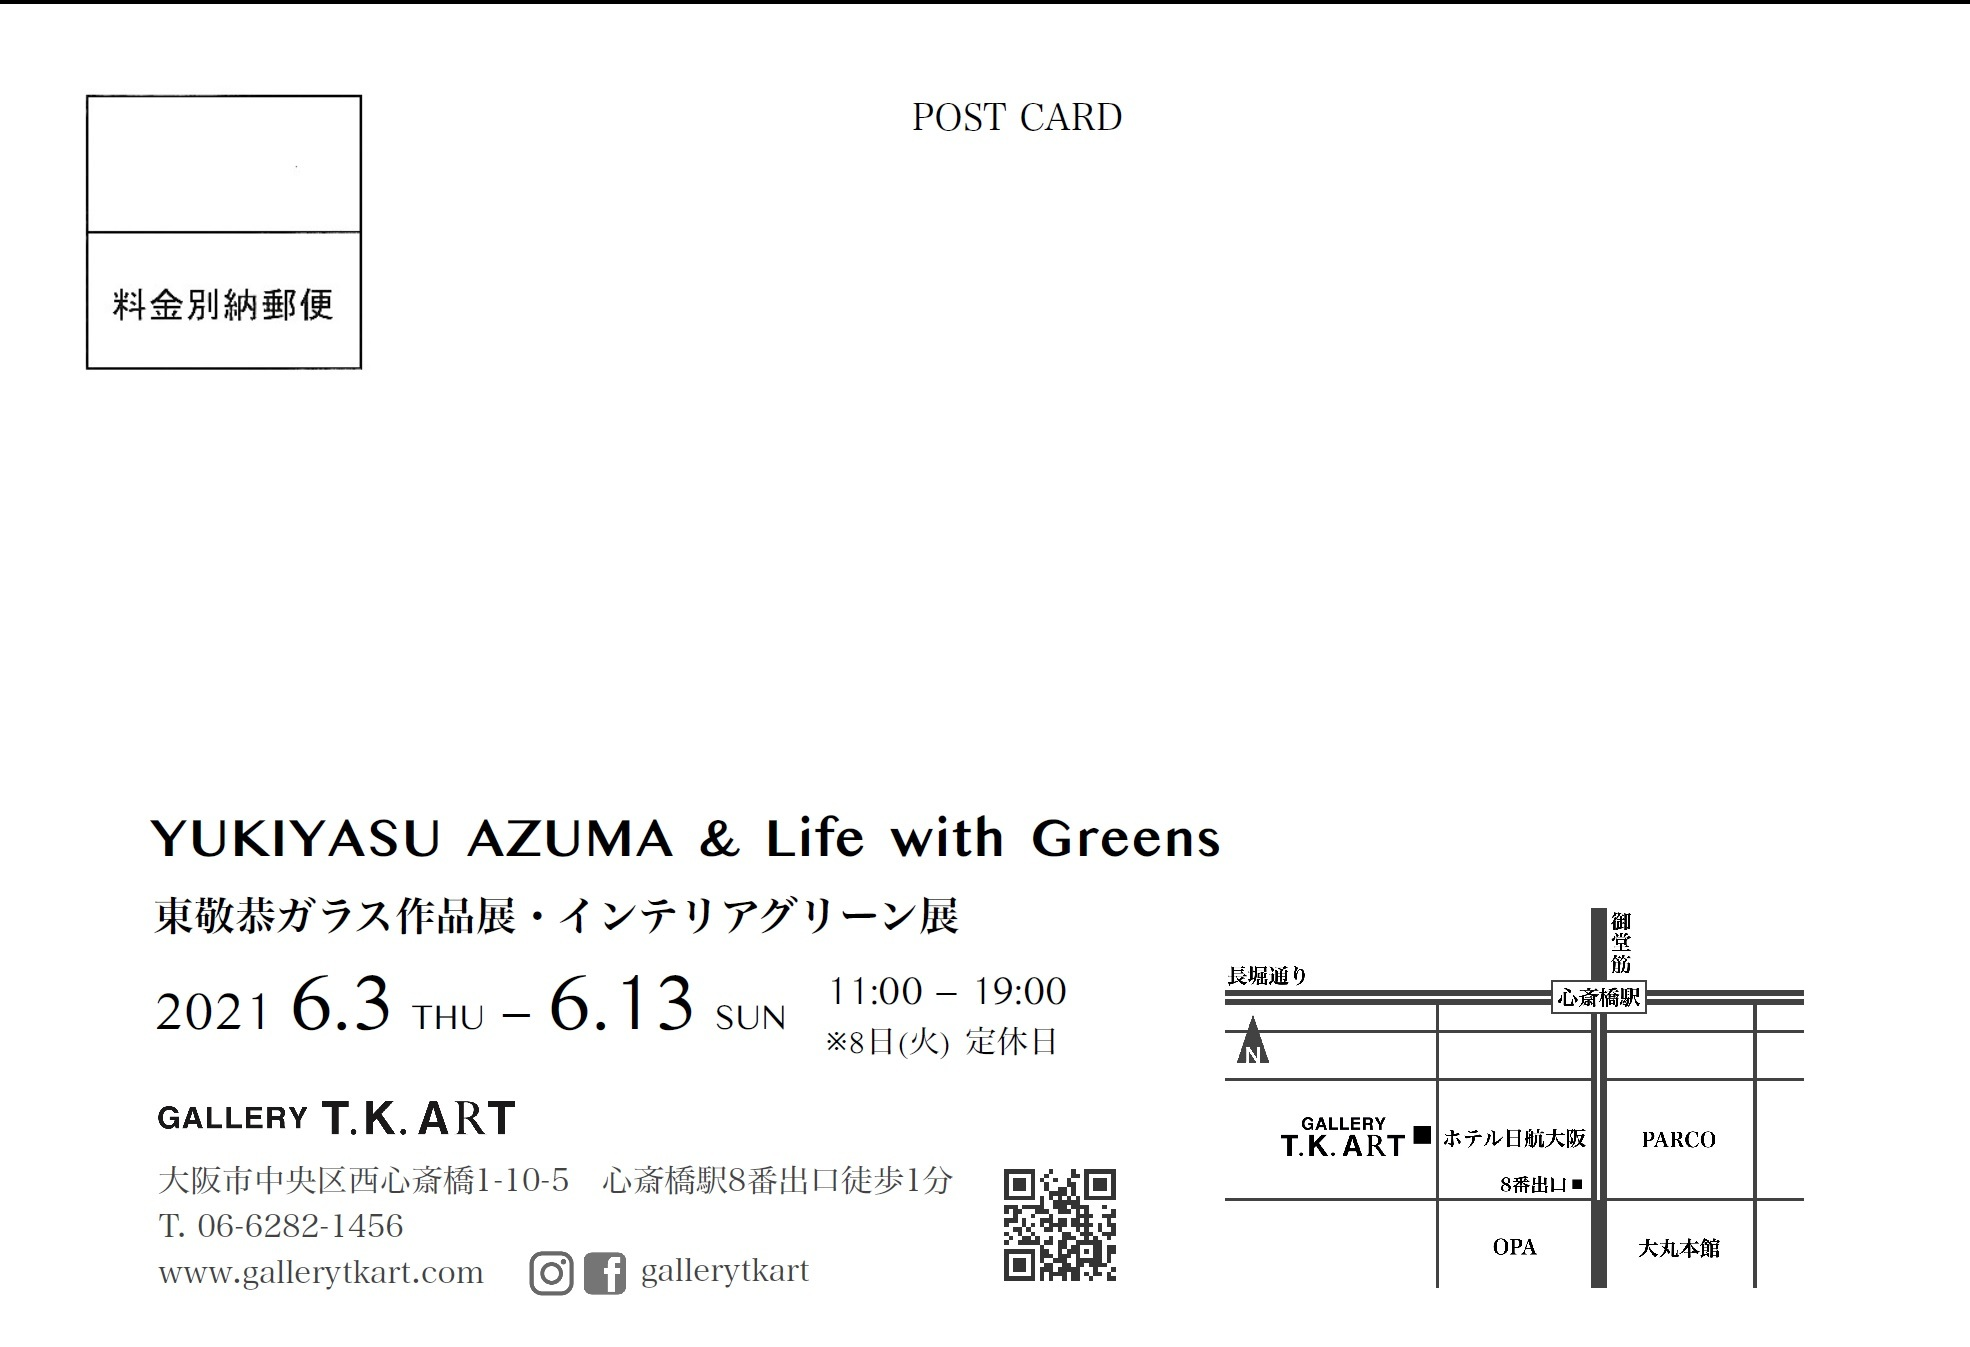 大阪「T.K.ART」で展示会のお知らせ_c0212902_10442316.jpg